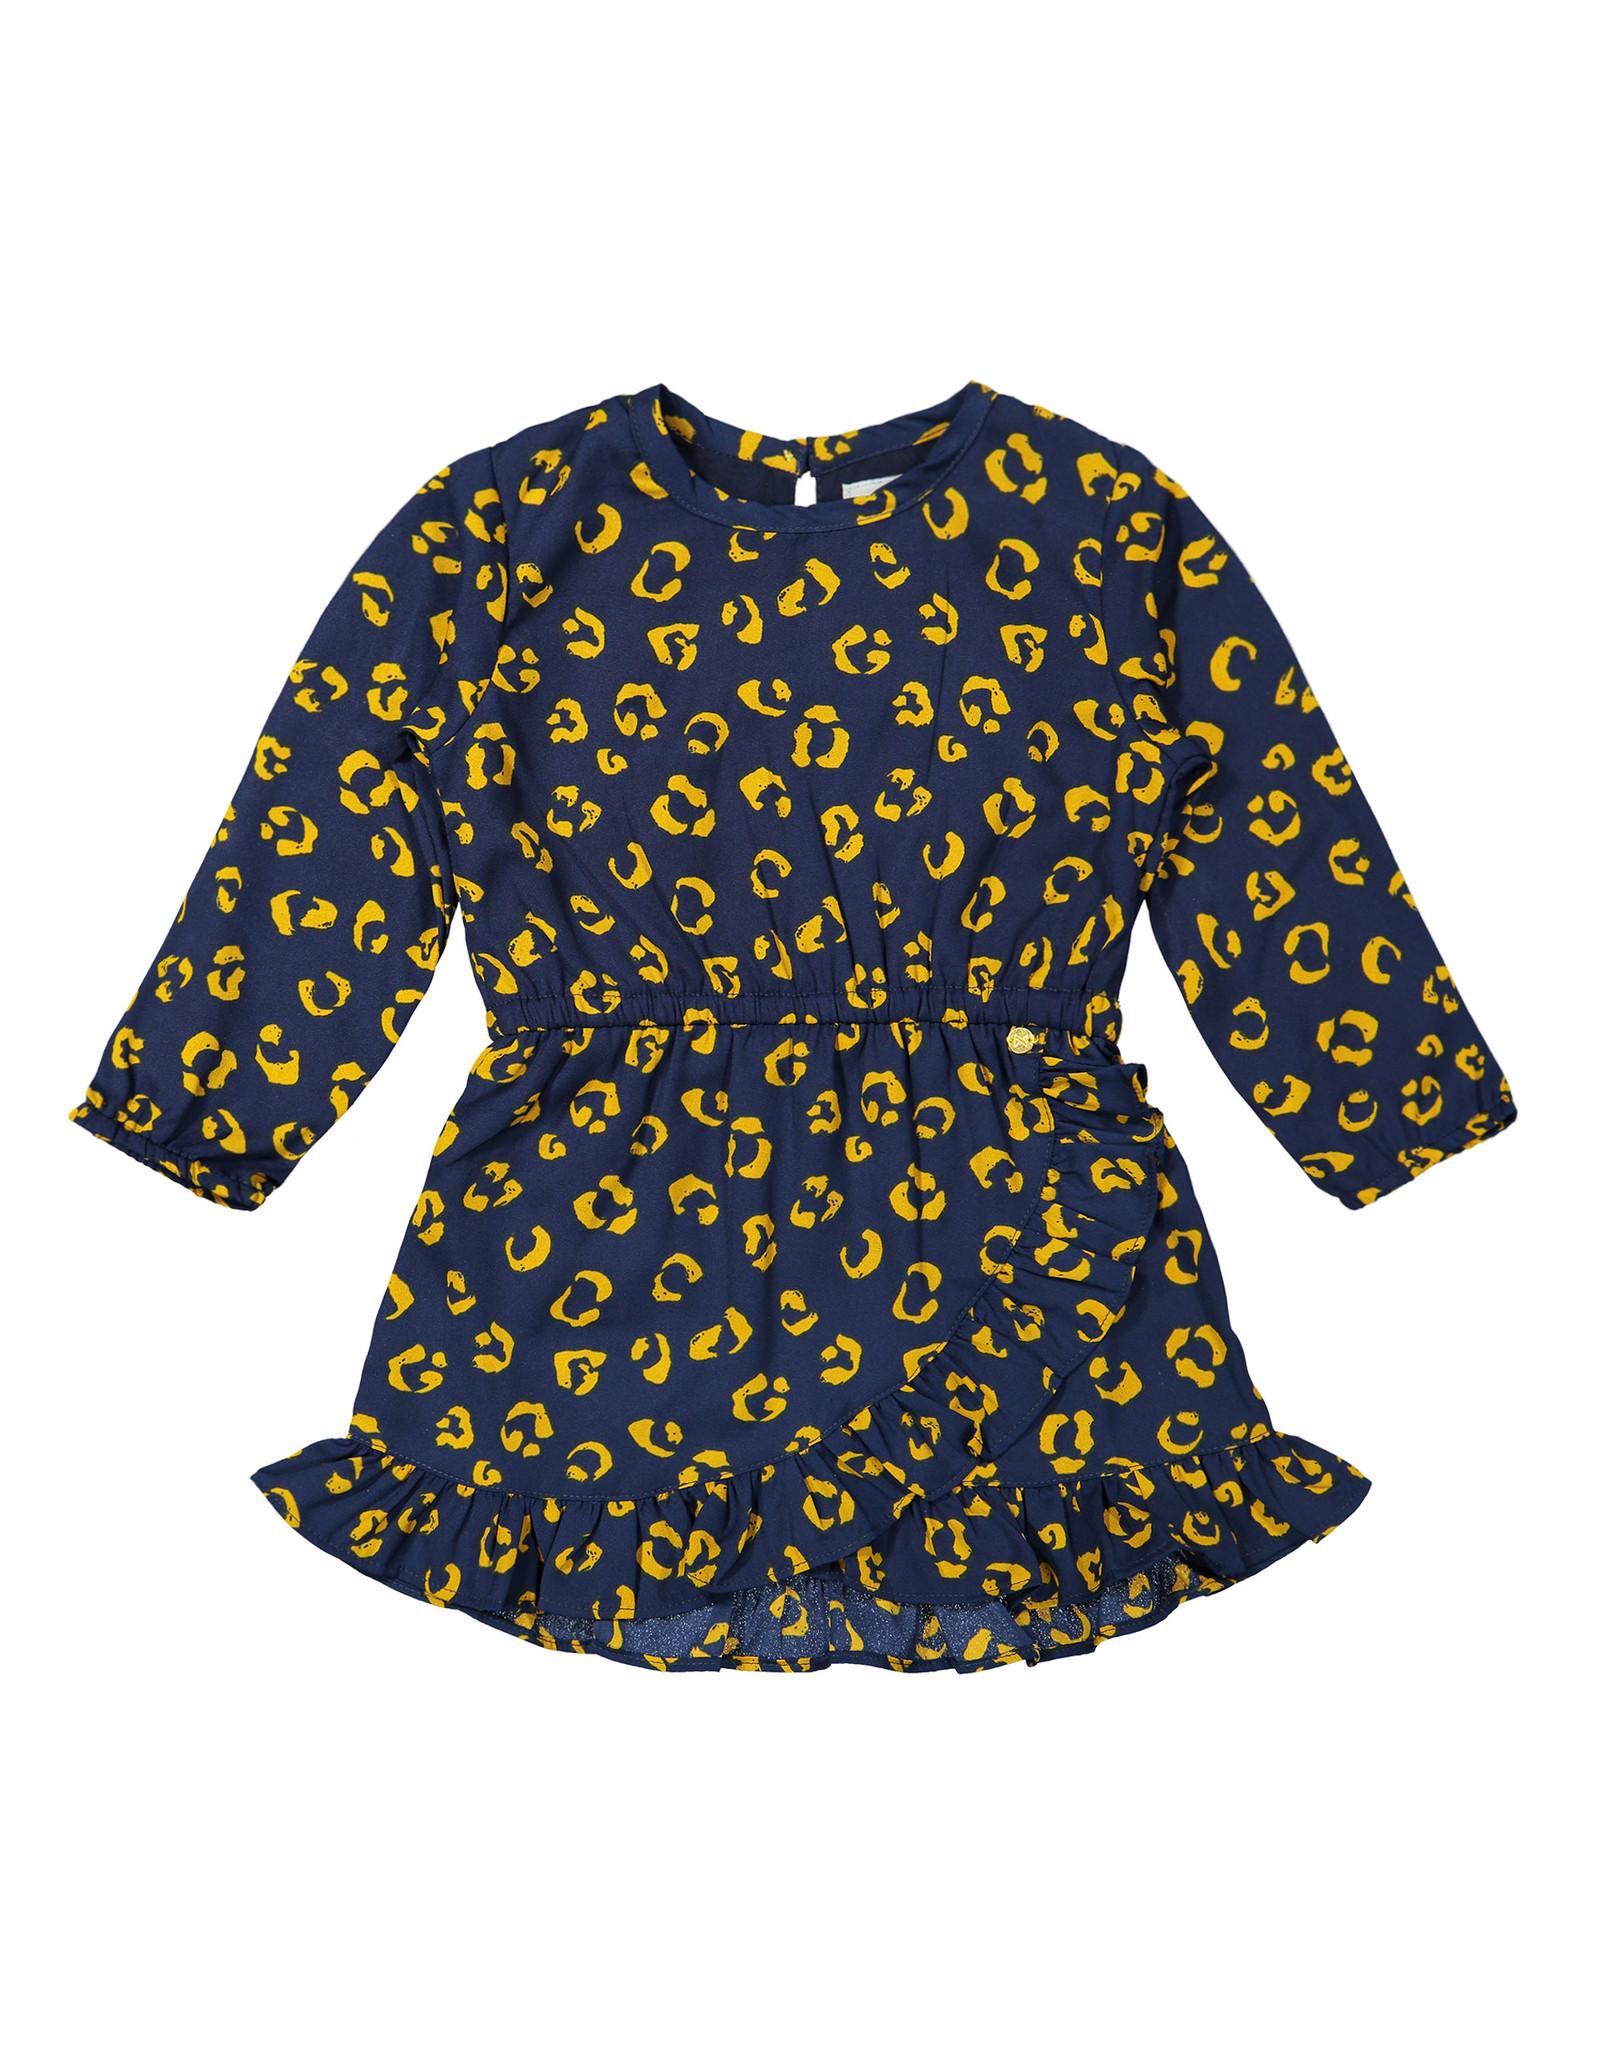 Koko Noko Koko Noko meisjes jurk met panterprint Navy Ochre